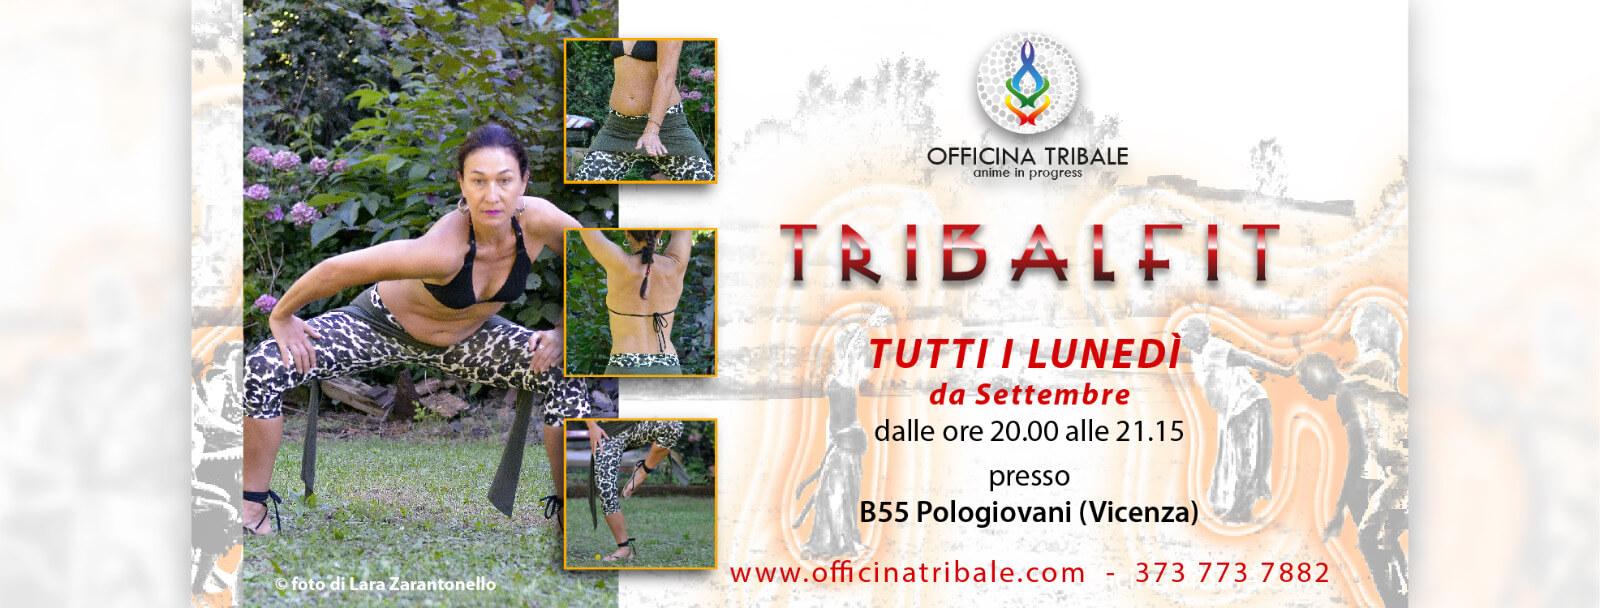 TRIBAL Fit novità! Corso da settembre a Vicenza